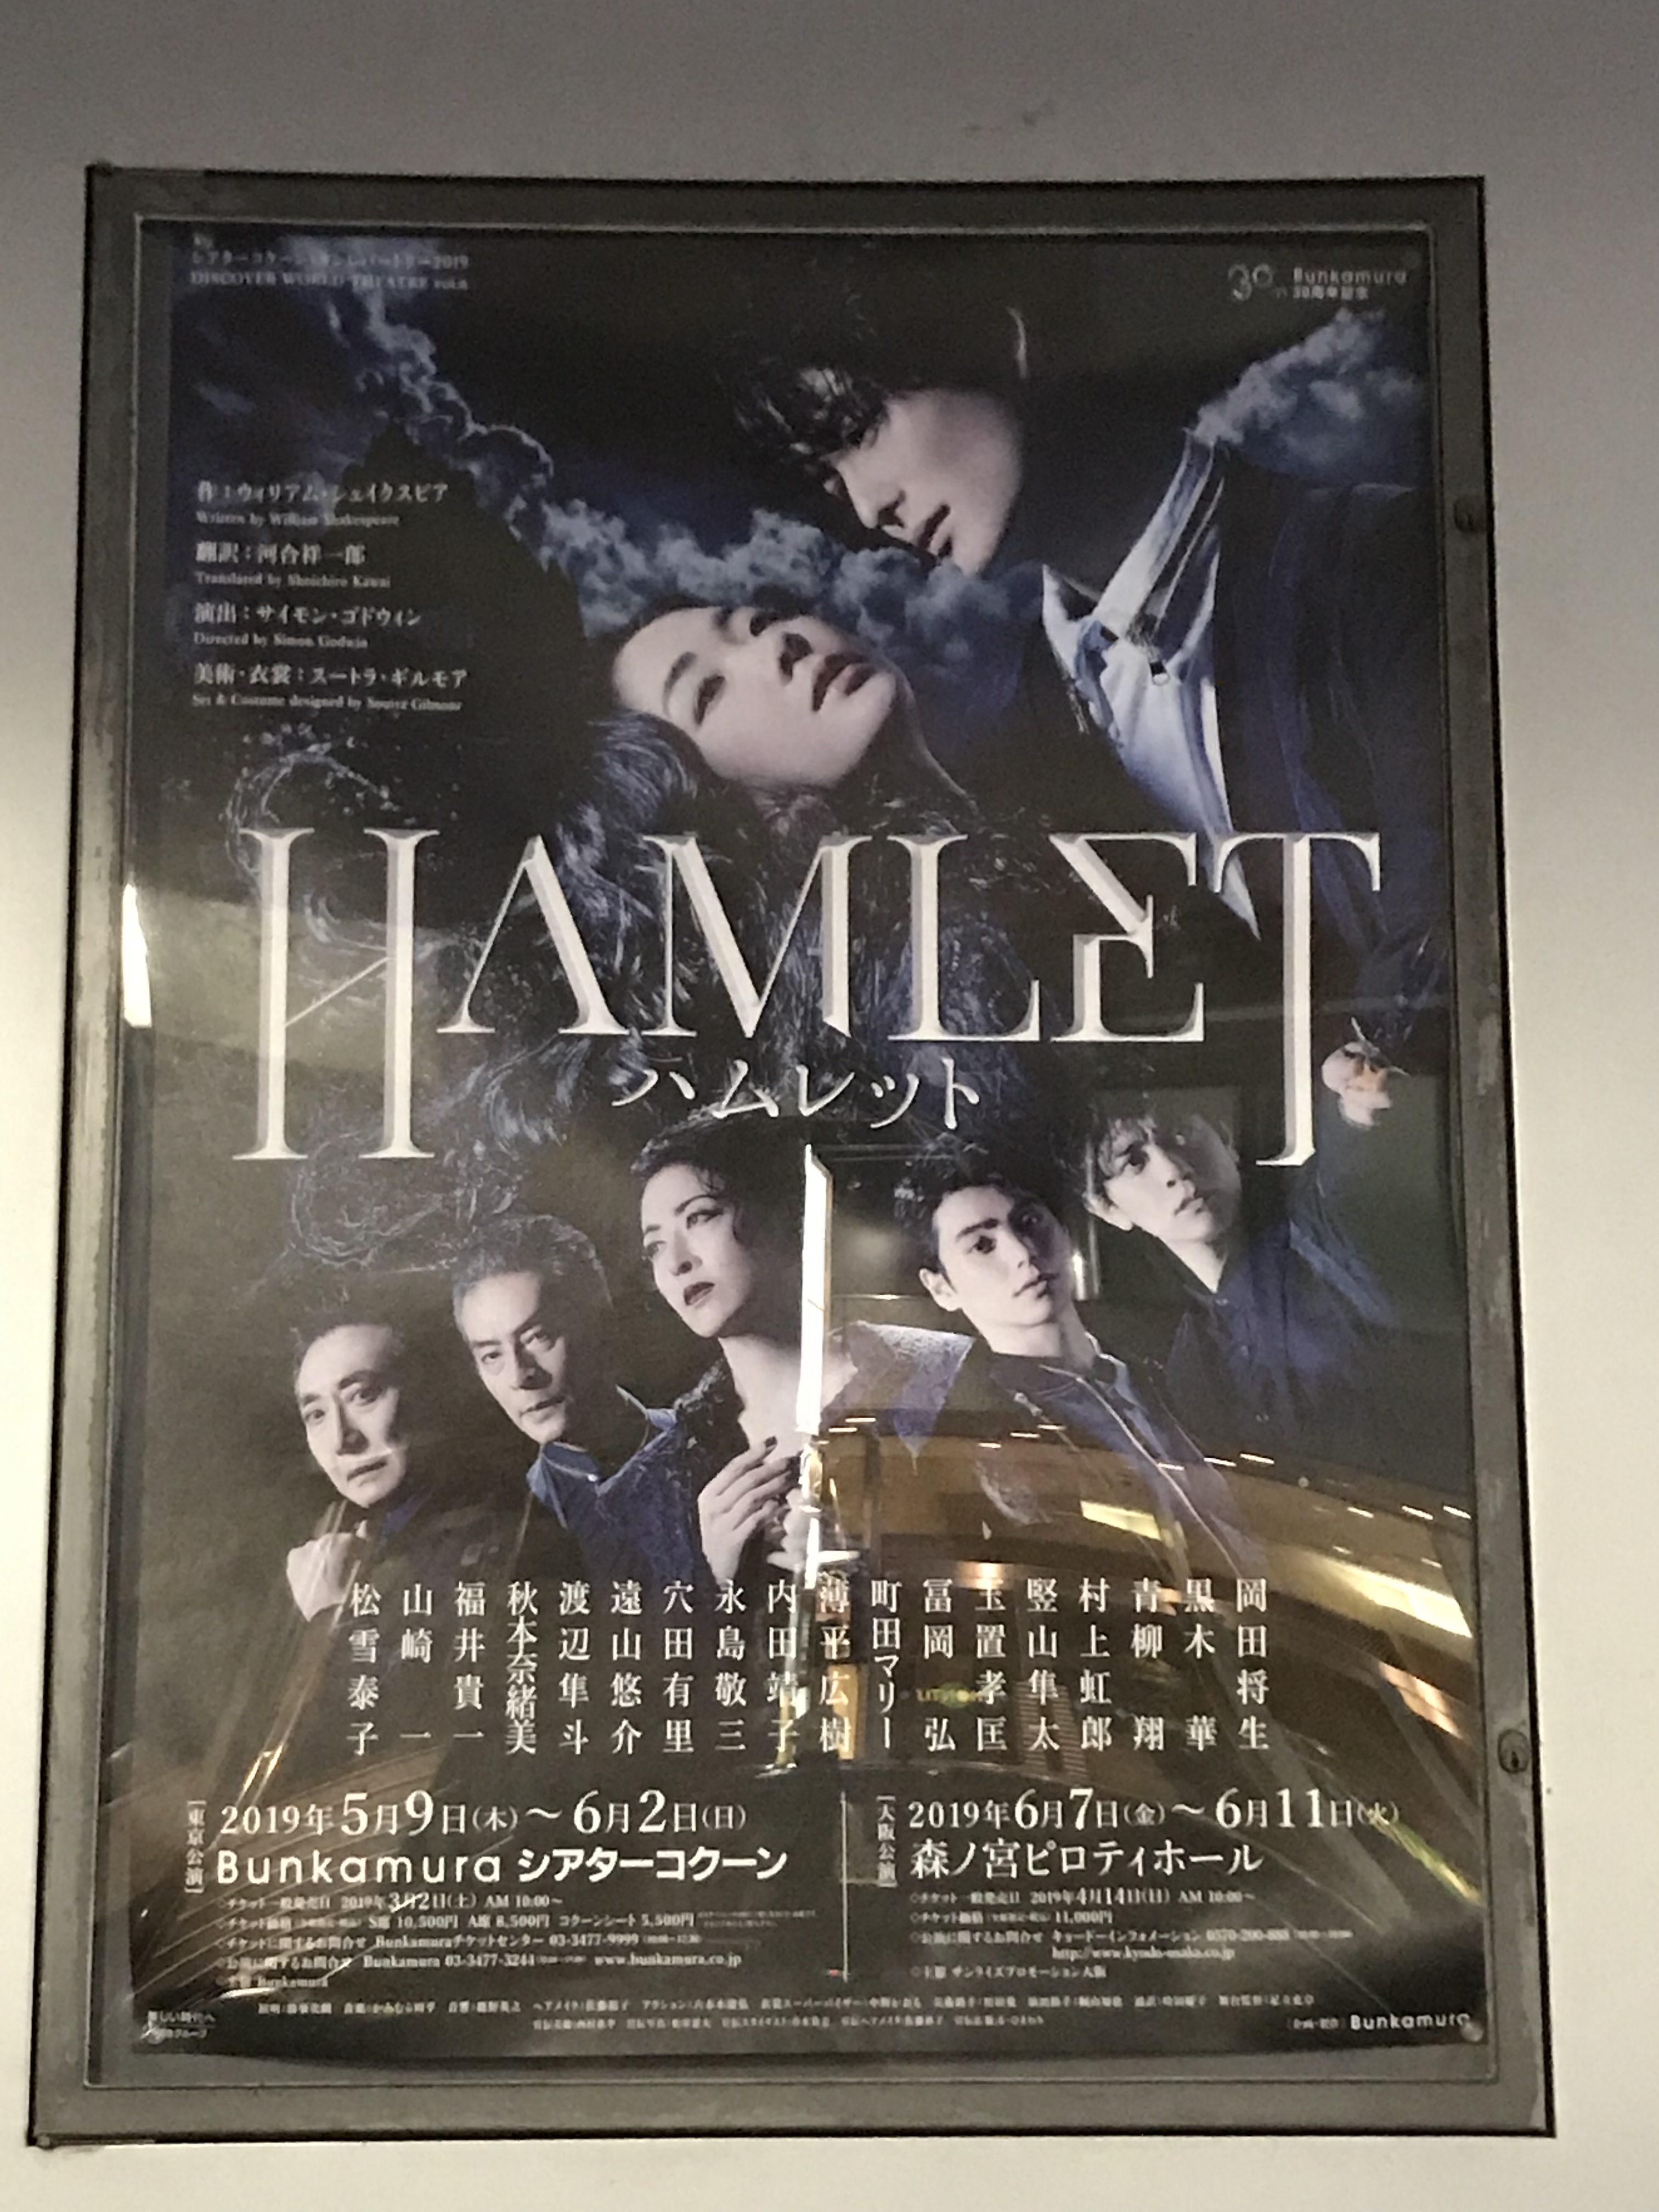 Hamlet ハムレット 演劇